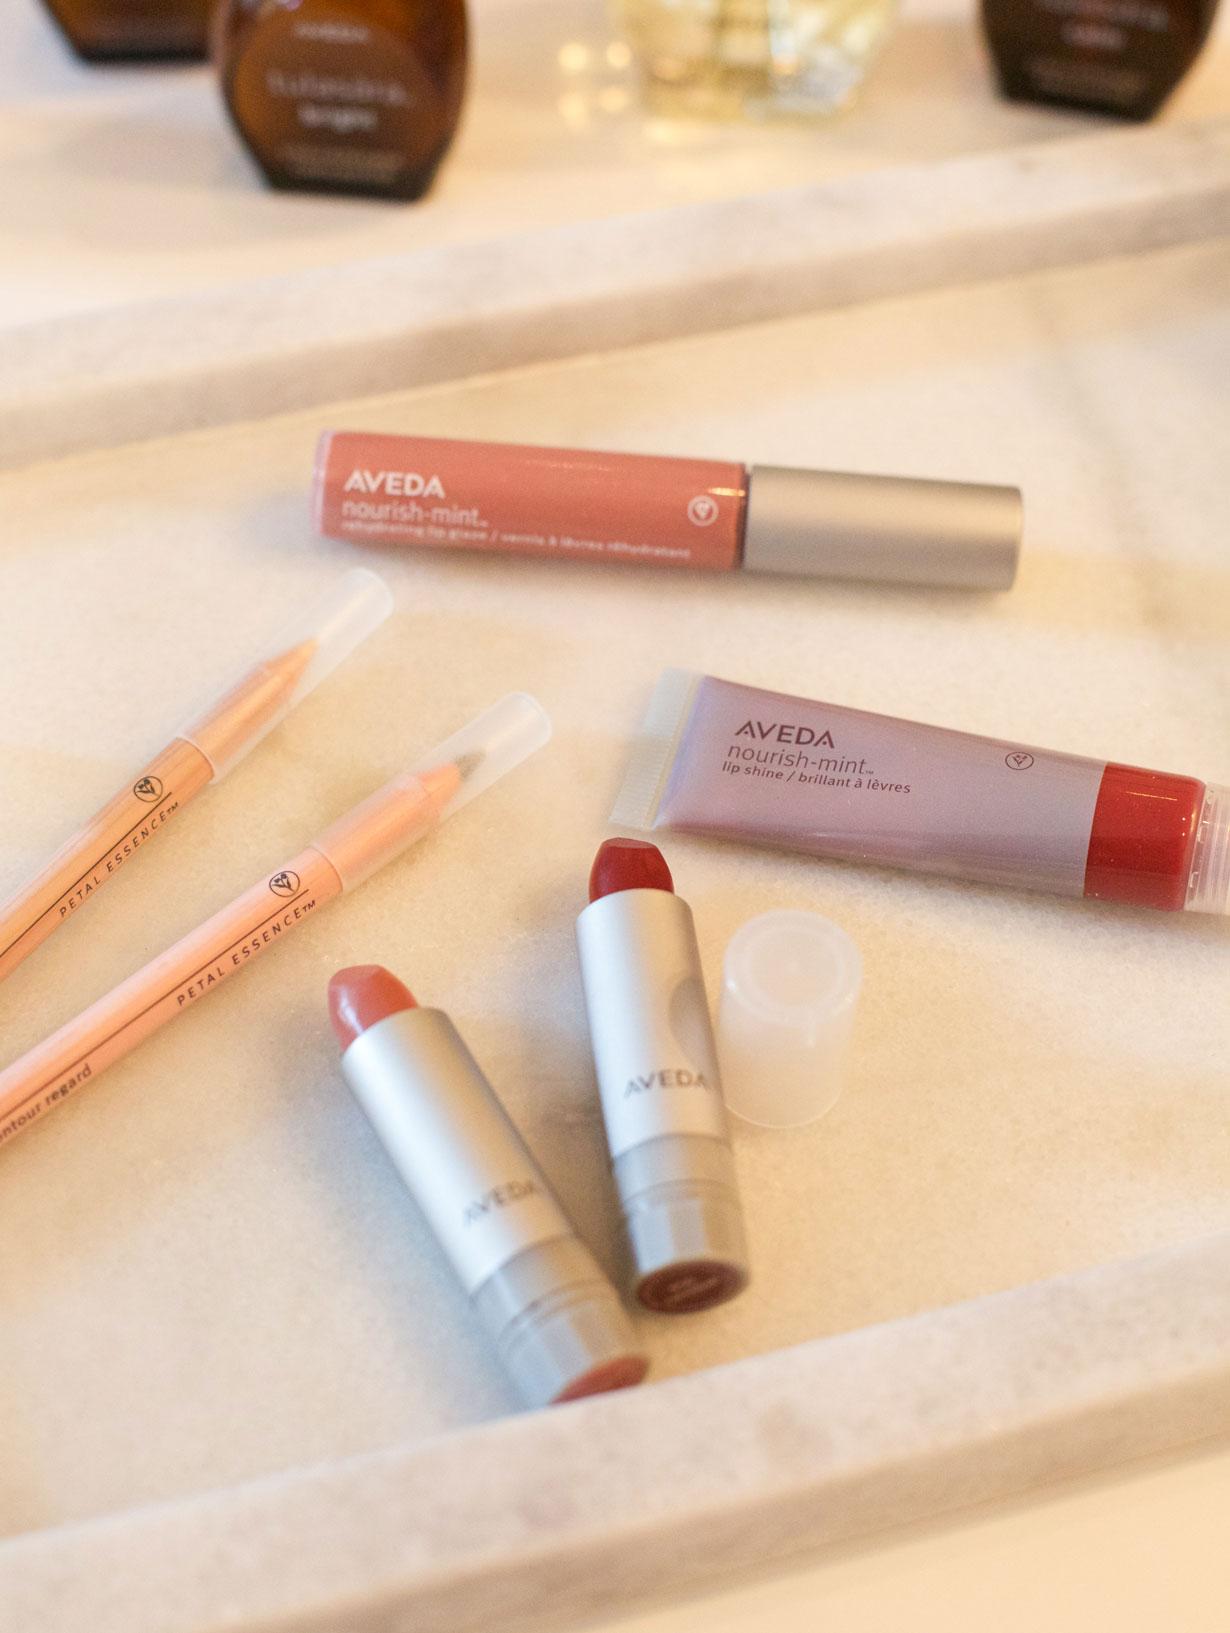 aveda-nourish-mint-lip-gloss-and-lipstick